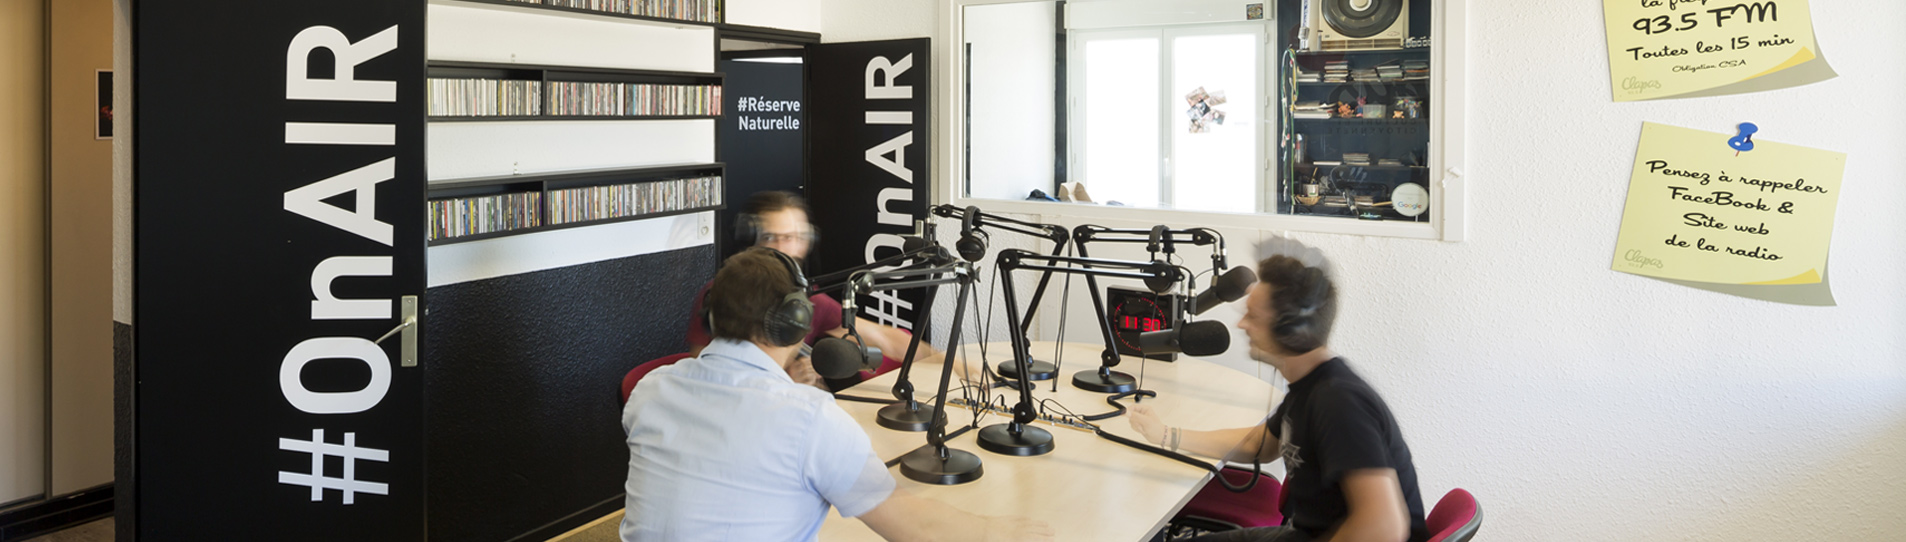 locaux radio clapas - studio